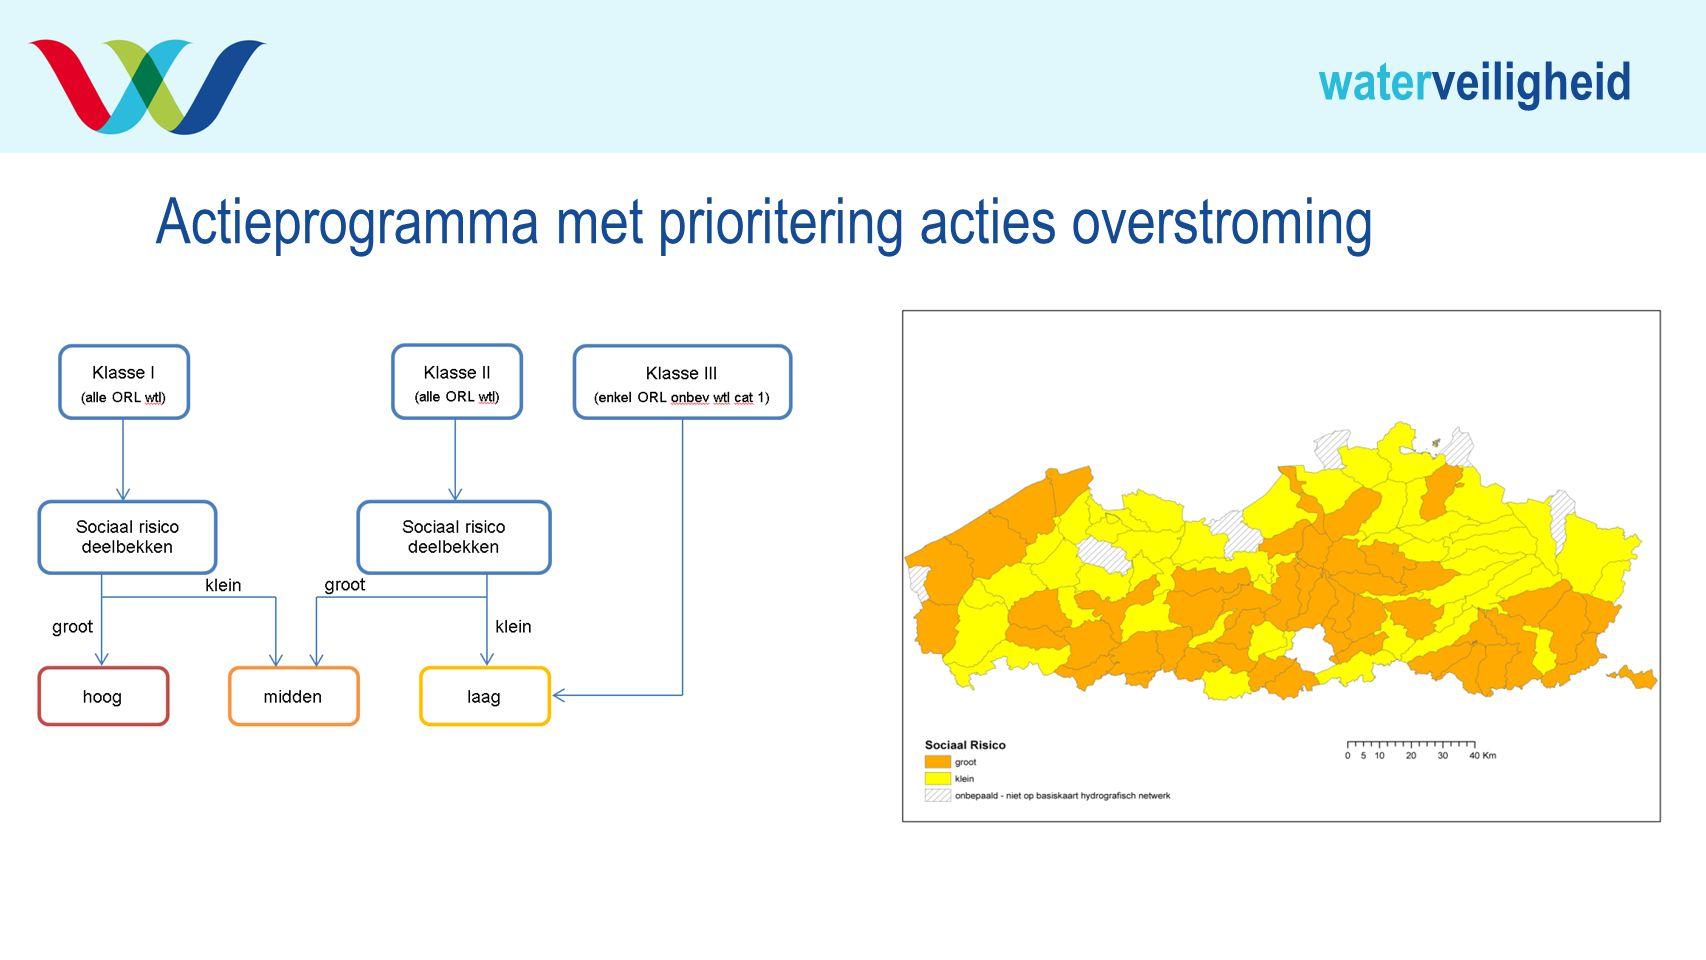 waterveiligheid Actieprogramma met prioritering acties overstroming